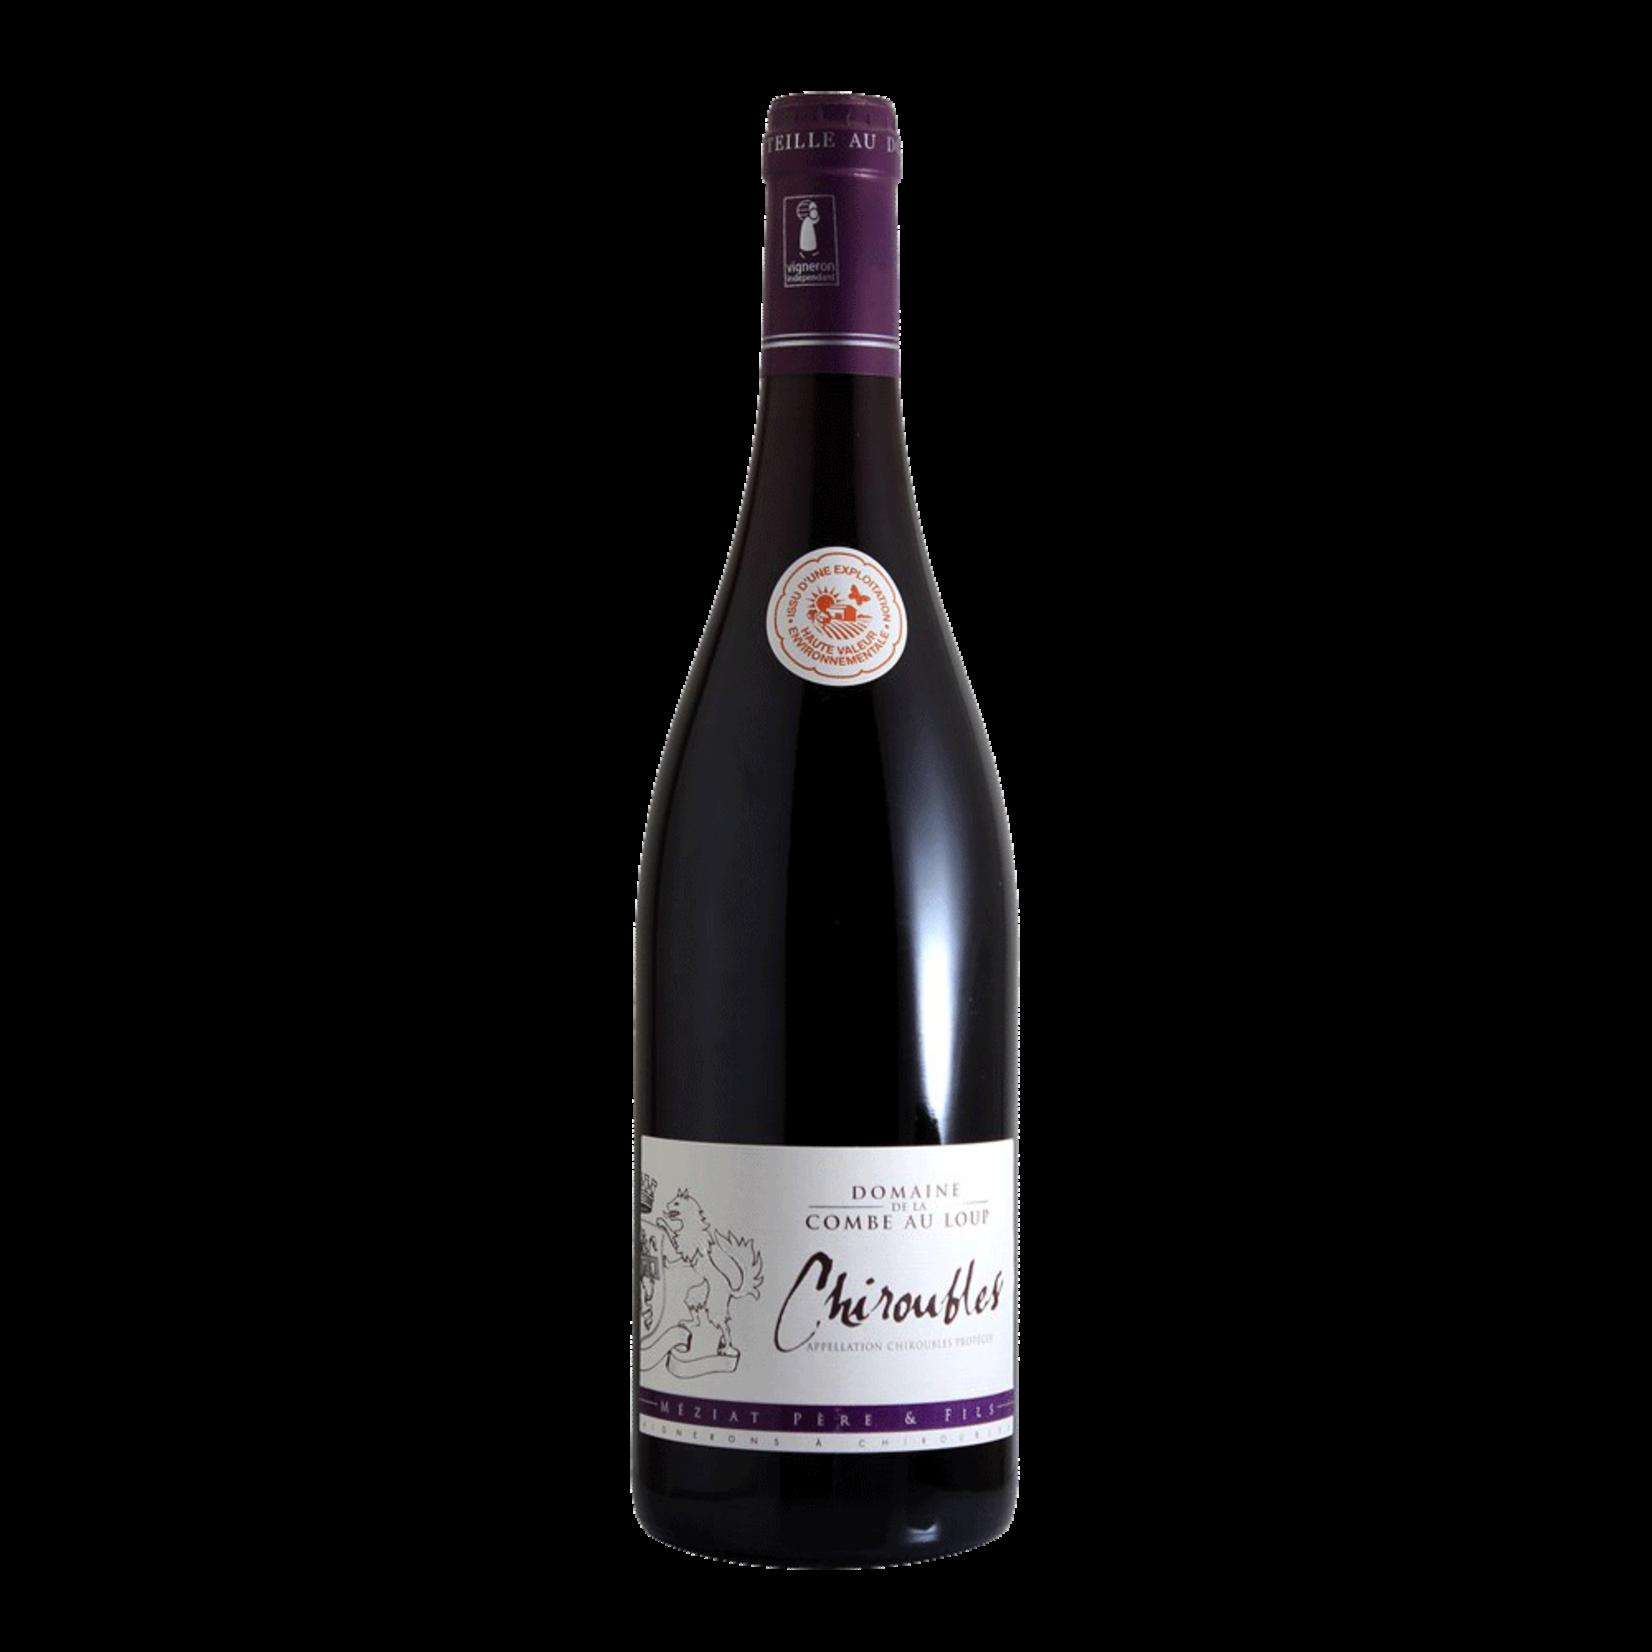 Wine Domaine de la Combe au Loup Chiroubles 2018